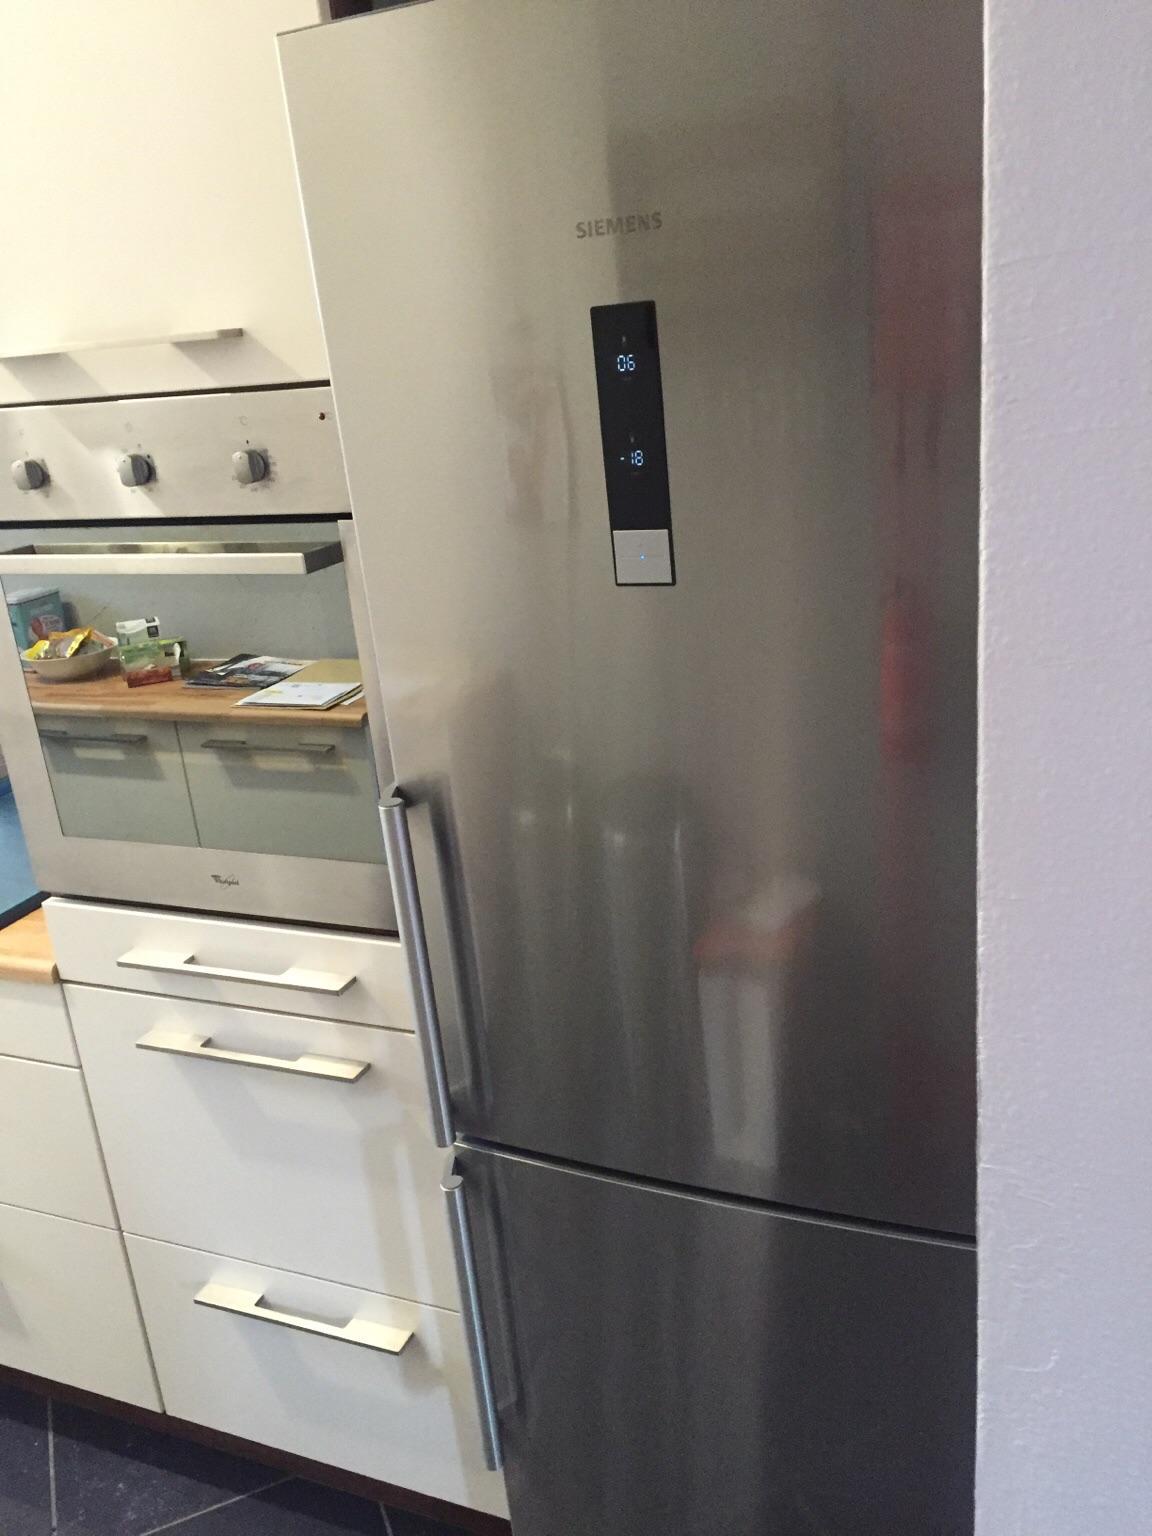 Siemens Kühlschrank Coolbox : Gebraucht siemens kühlschrank a jahr alt in neuss